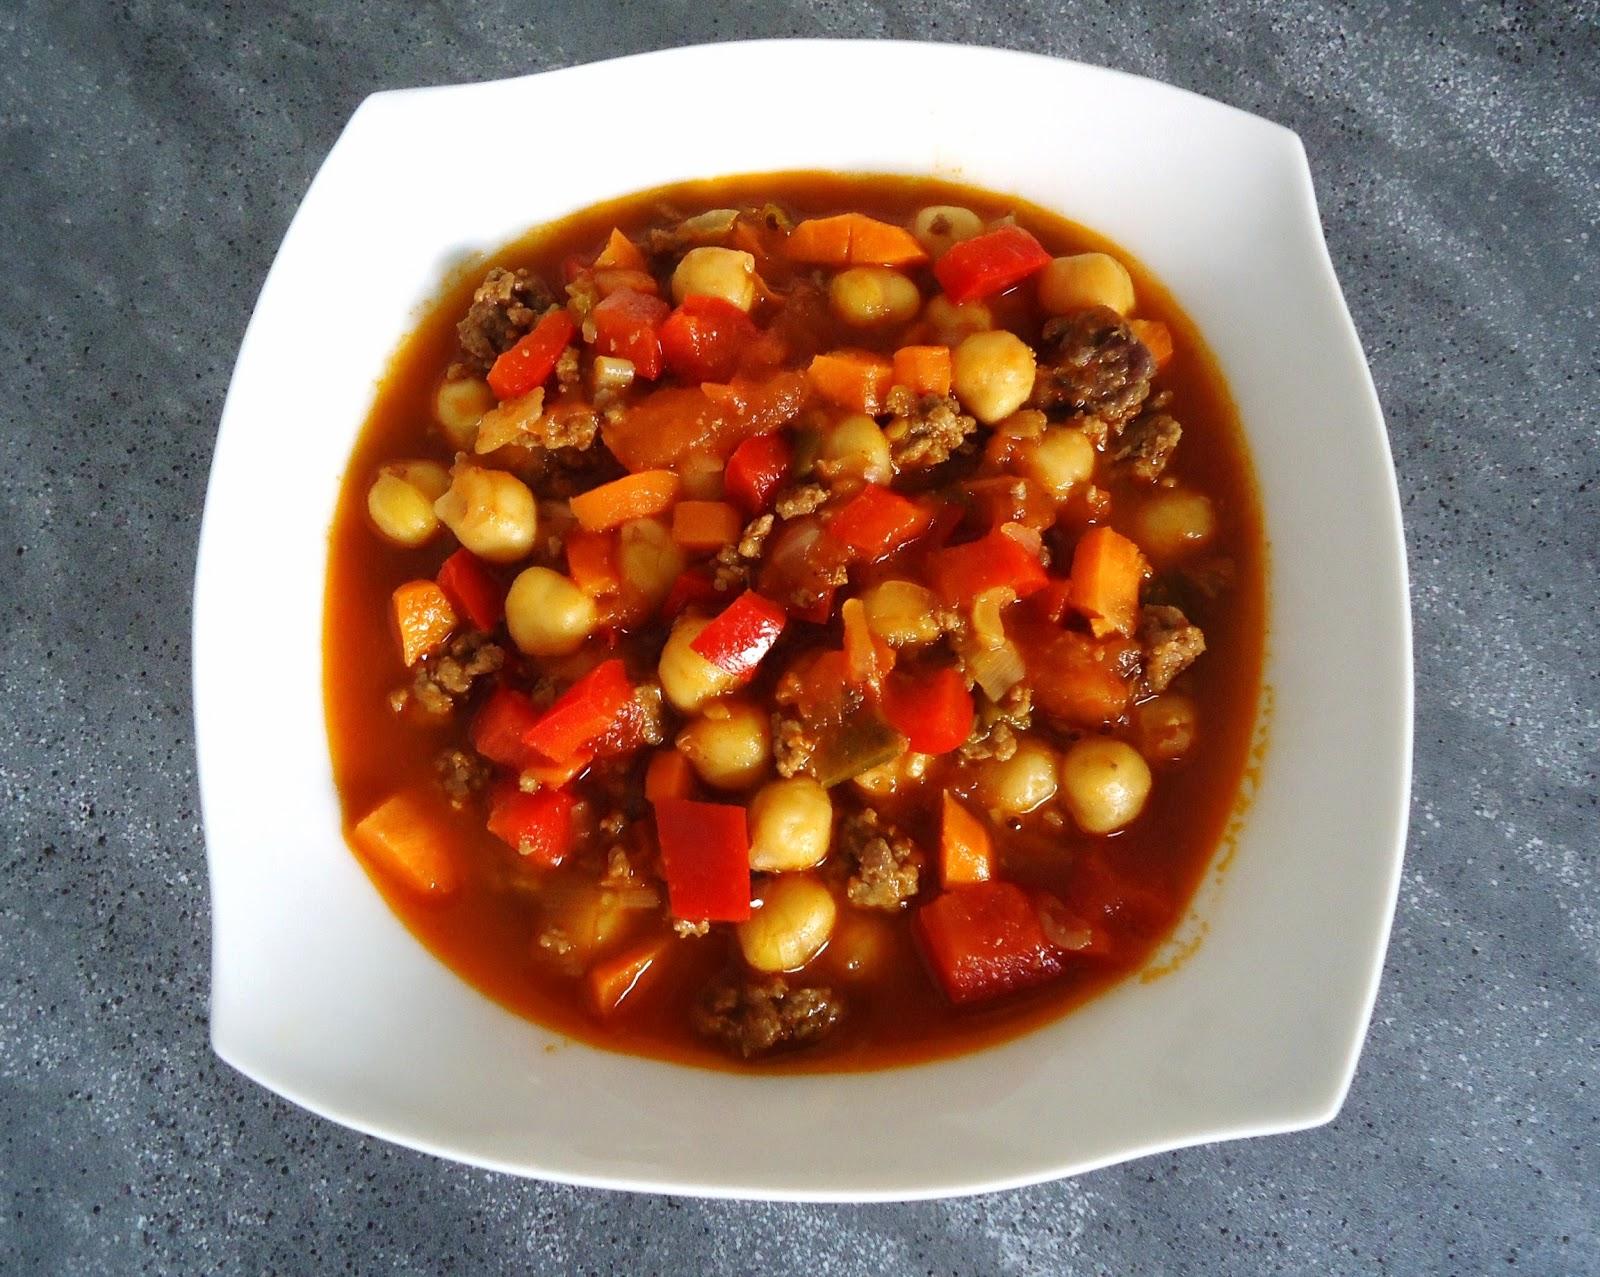 Sebzeli nohut çorbası tarifi